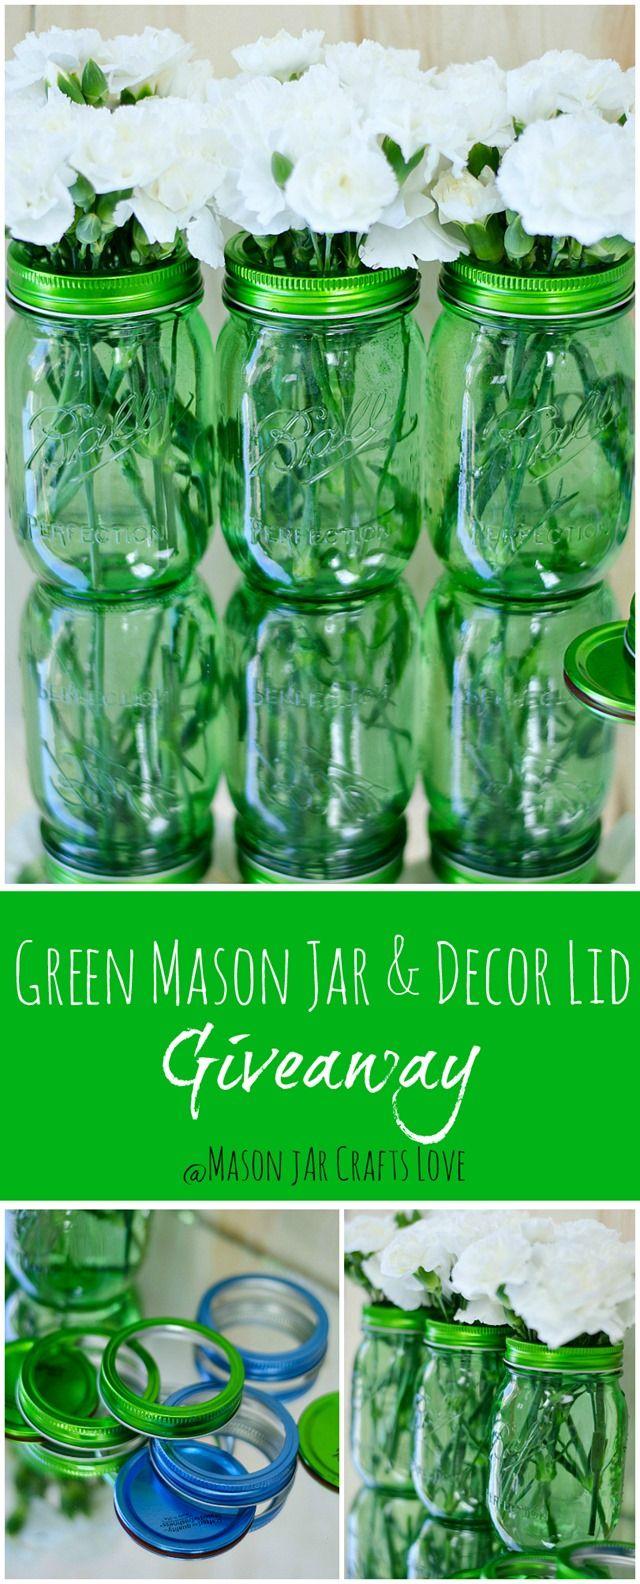 Green Mason Jar Giveaway - Mason Jar Crafts Love